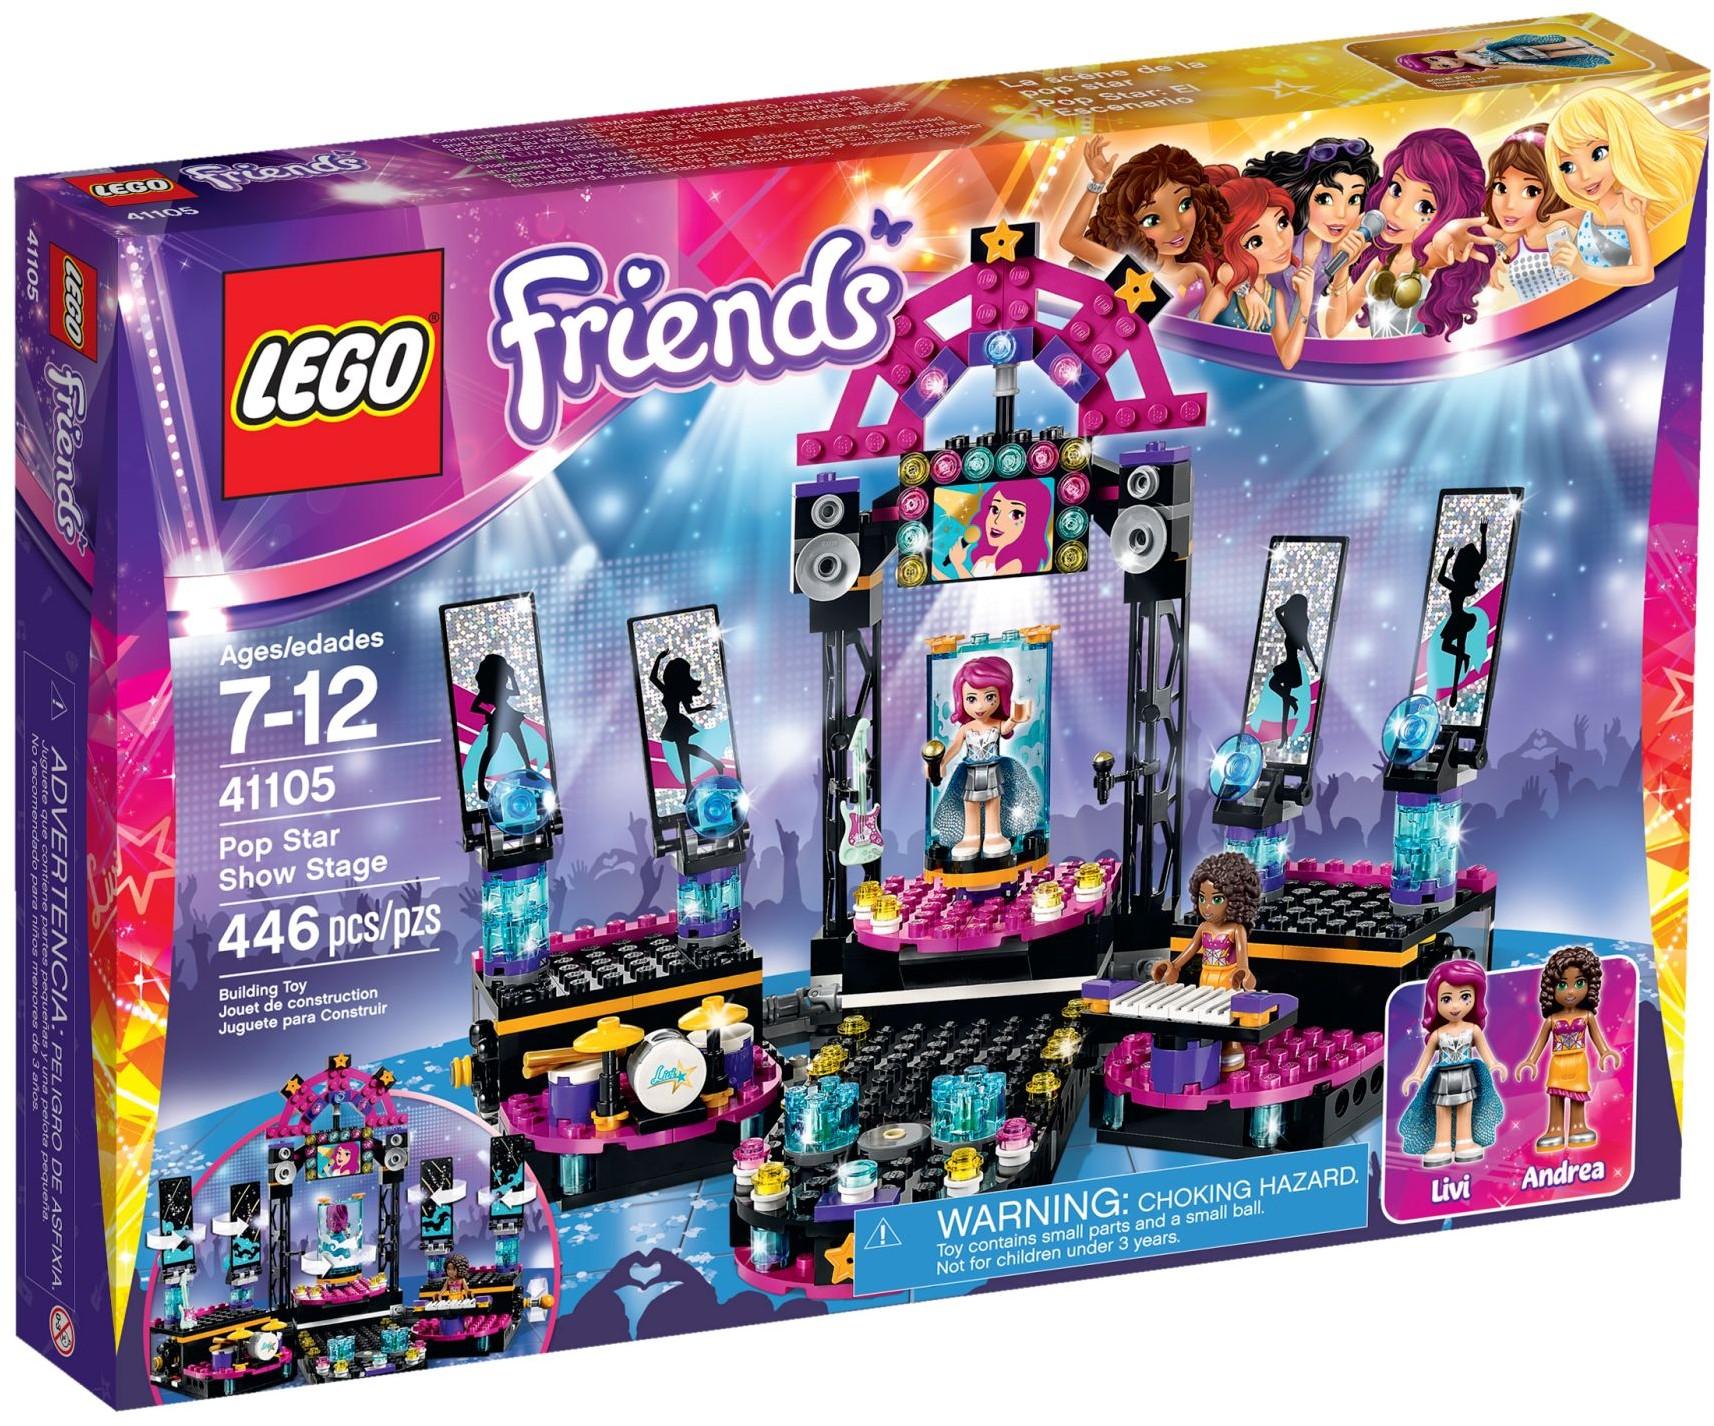 LEGO 41105 - Friends - Pop Star Show Stage